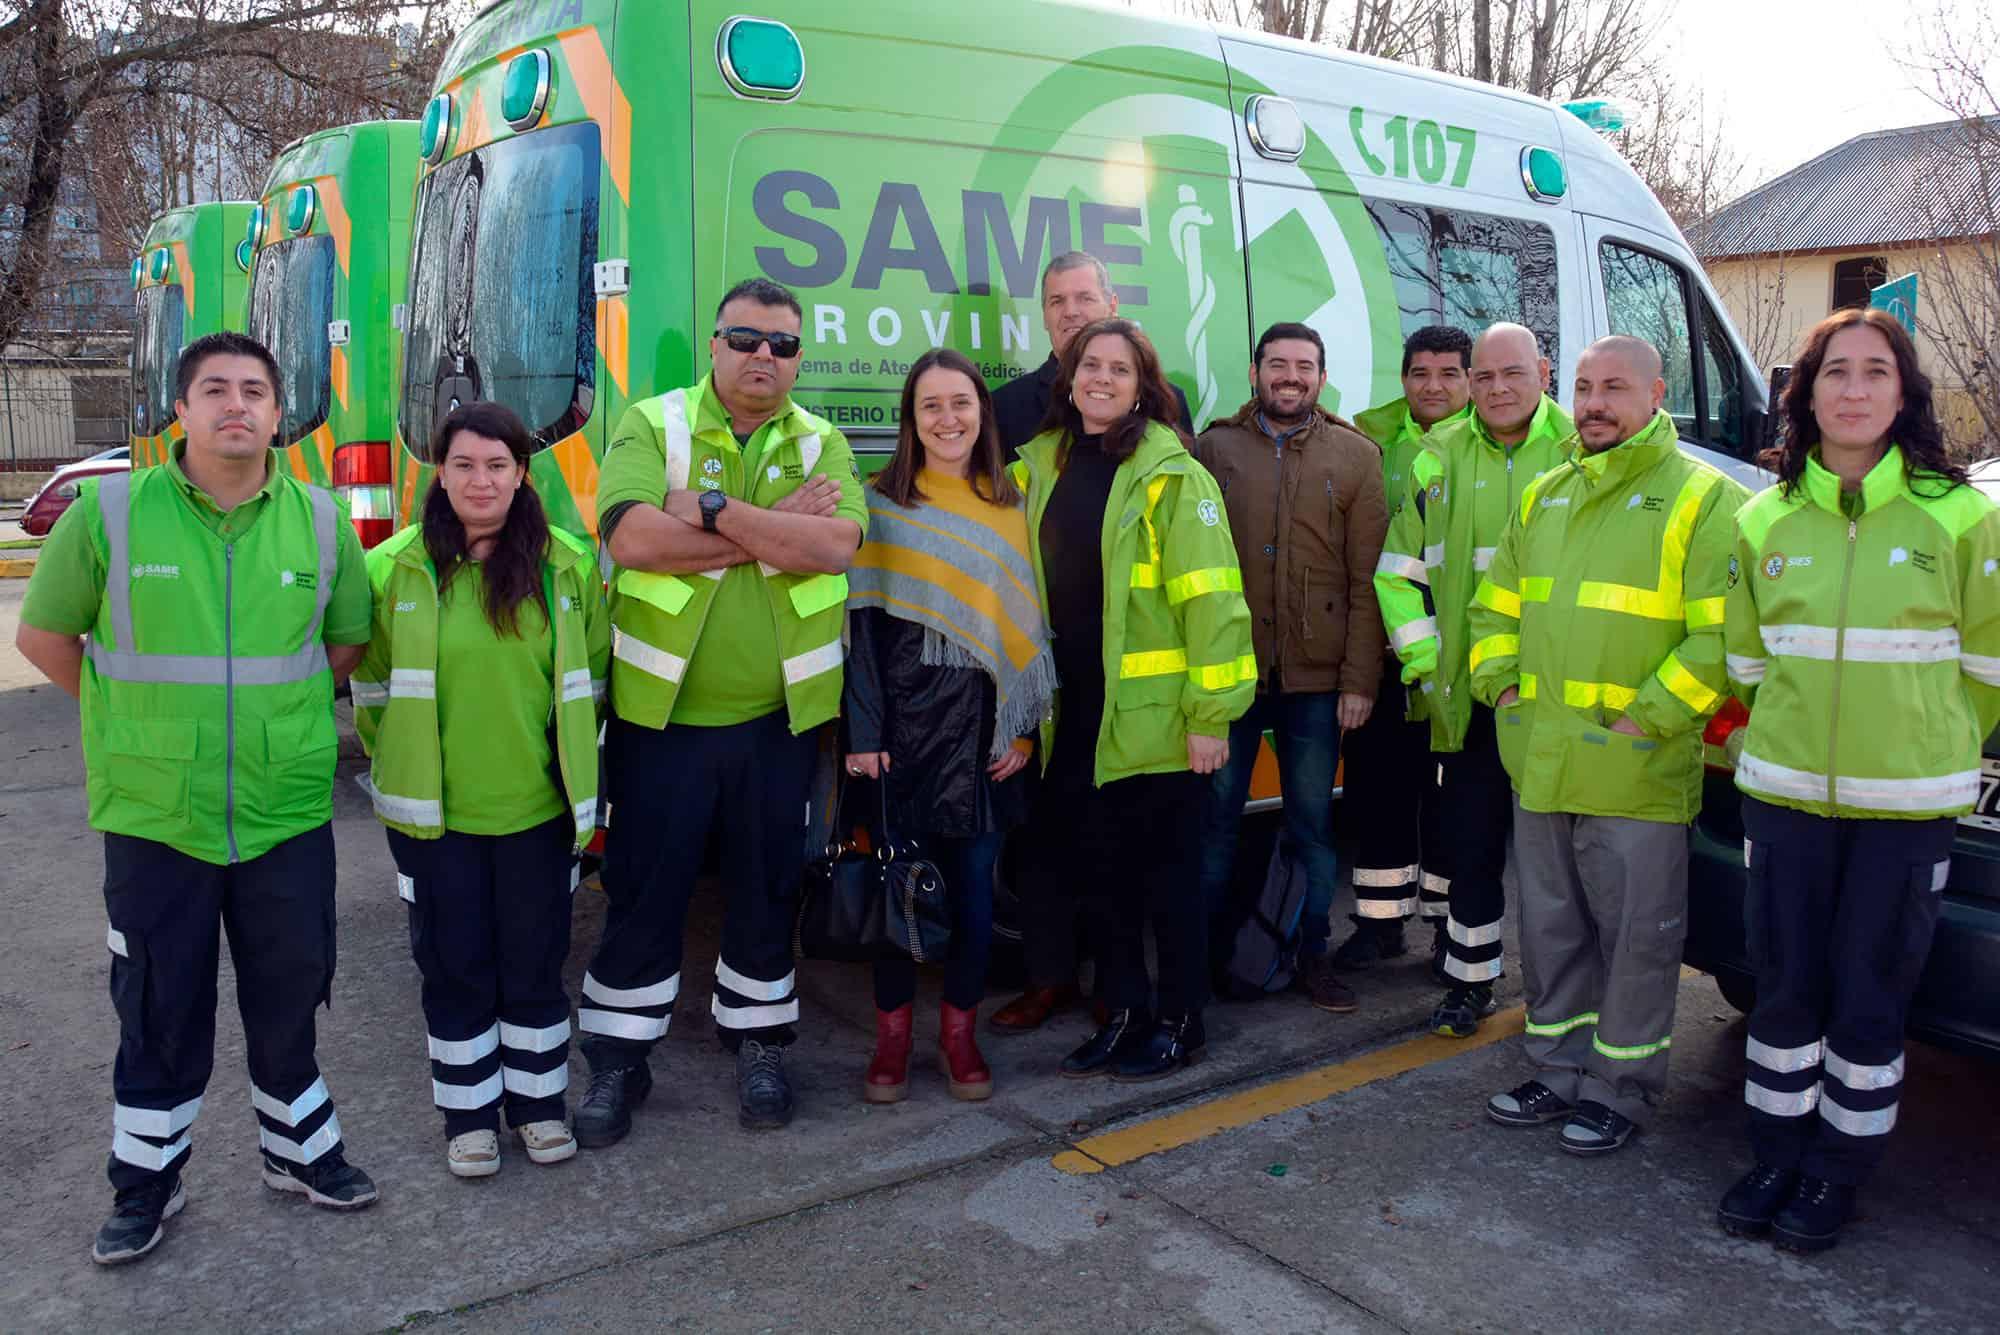 Llegaría el SAME a Ituzaingó con 7 ambulancias de alta complejidad